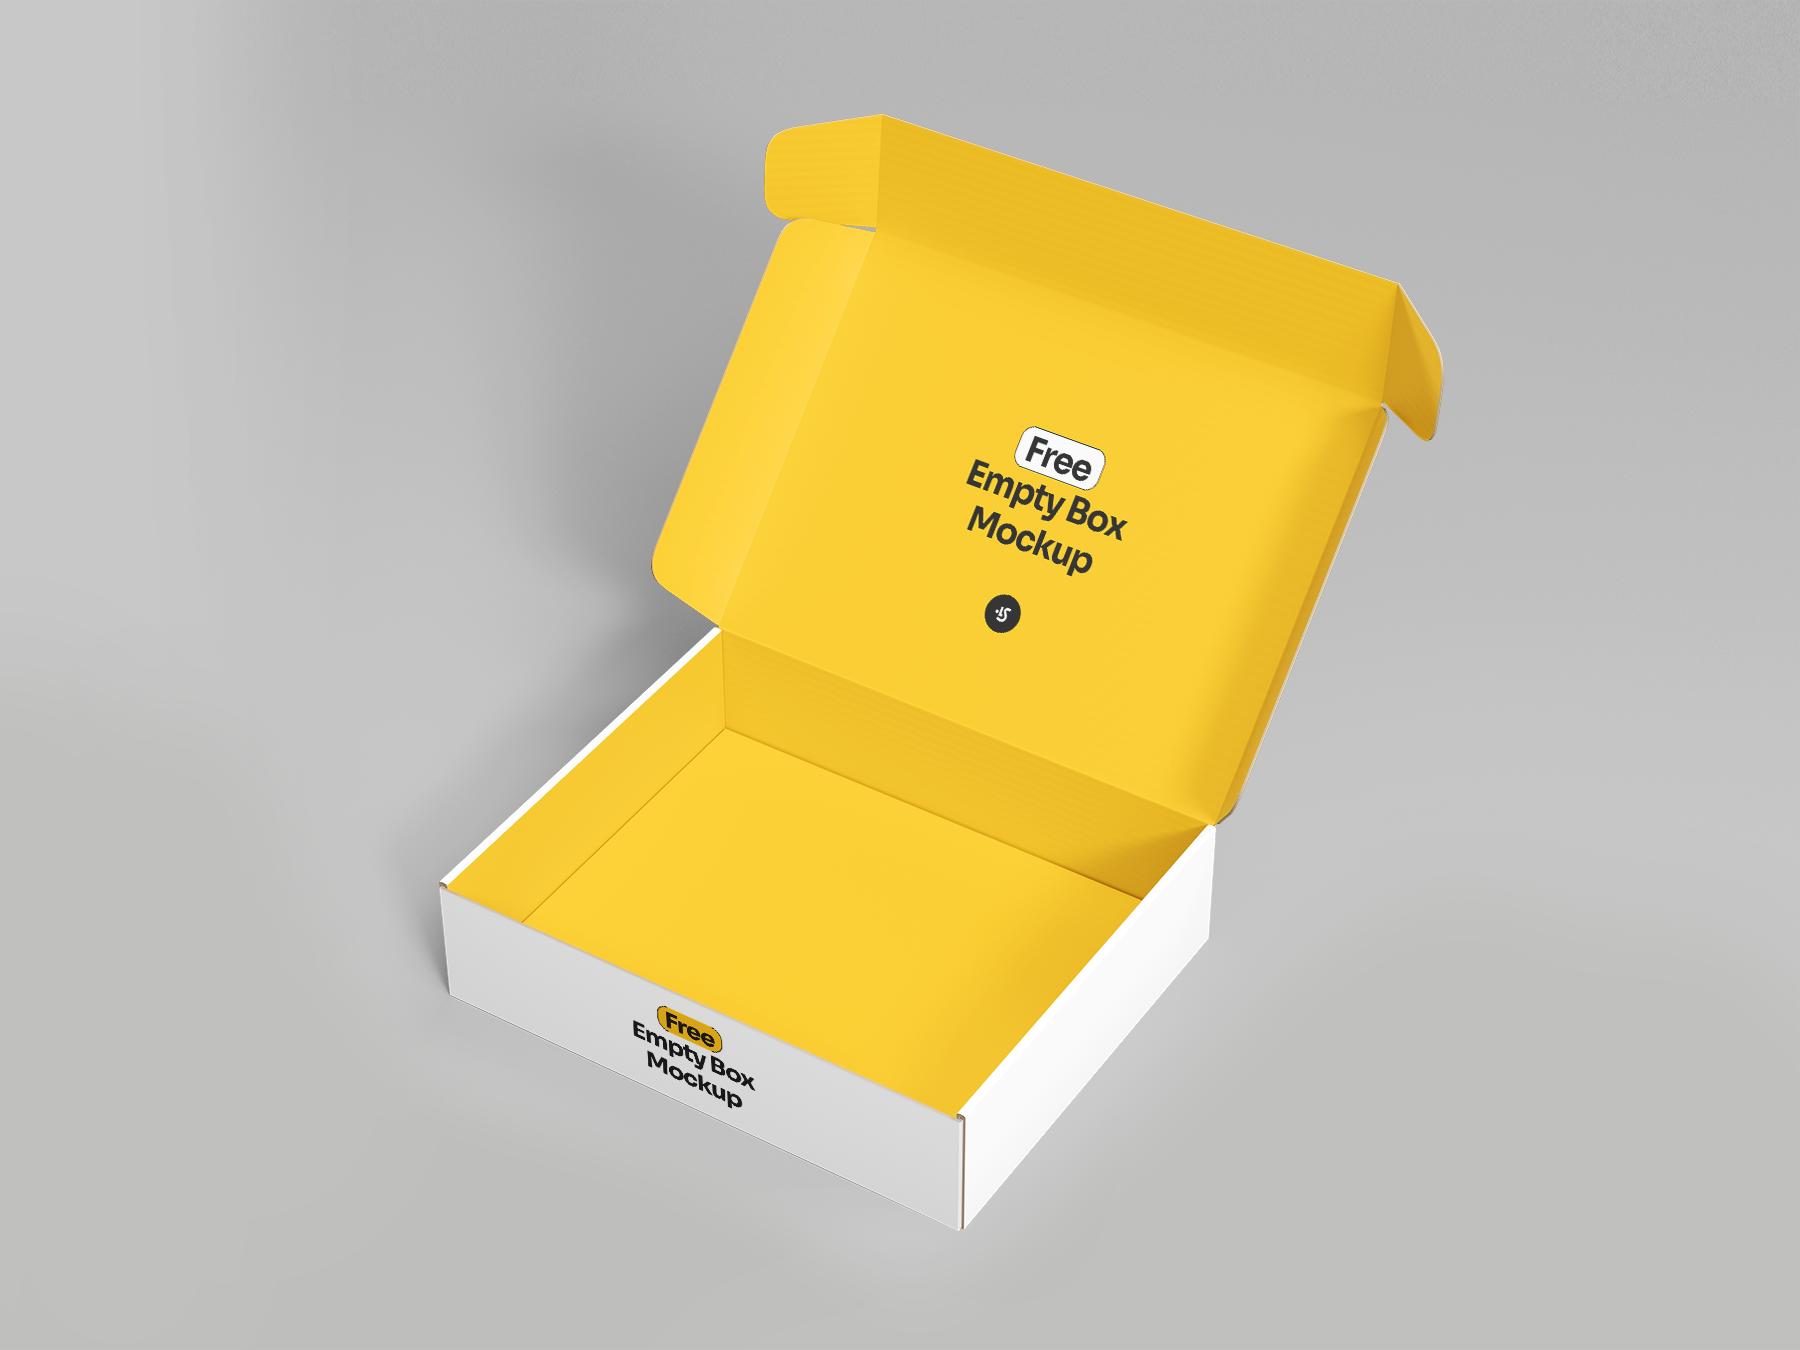 Free Open Box Mockup 1